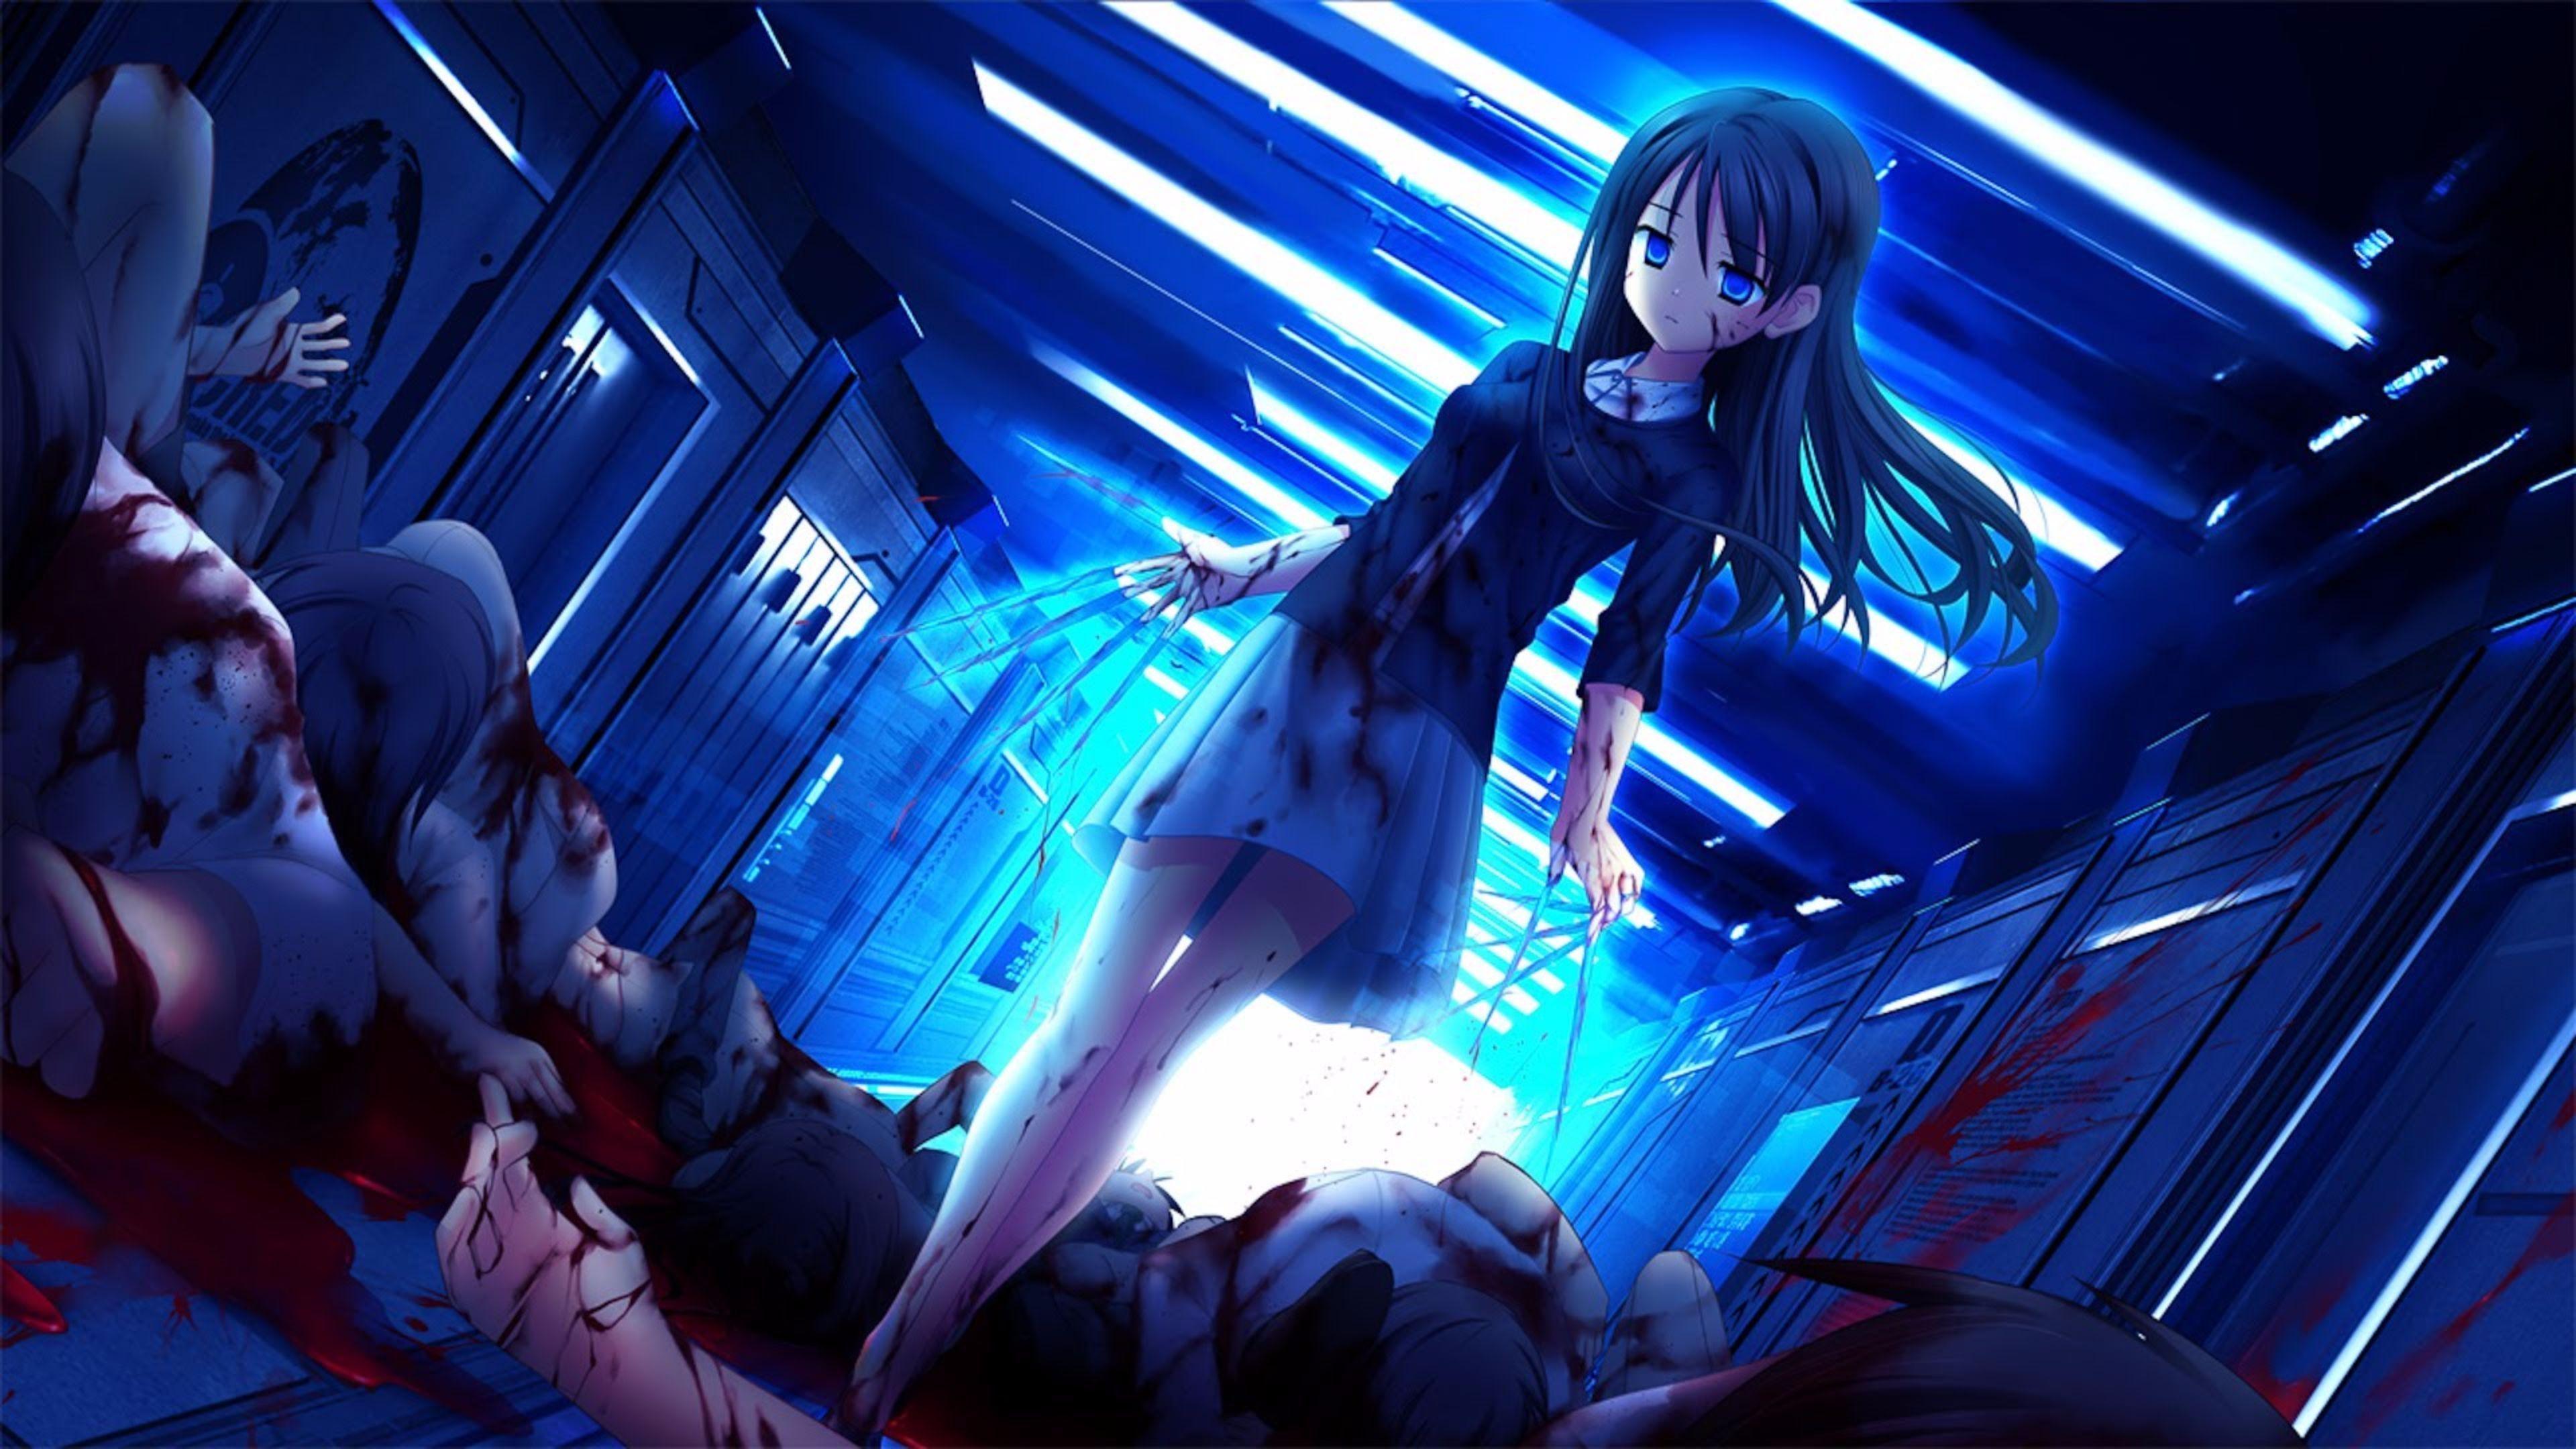 Anime 4k Wallpaper: Horror Anime 4K Wallpapers